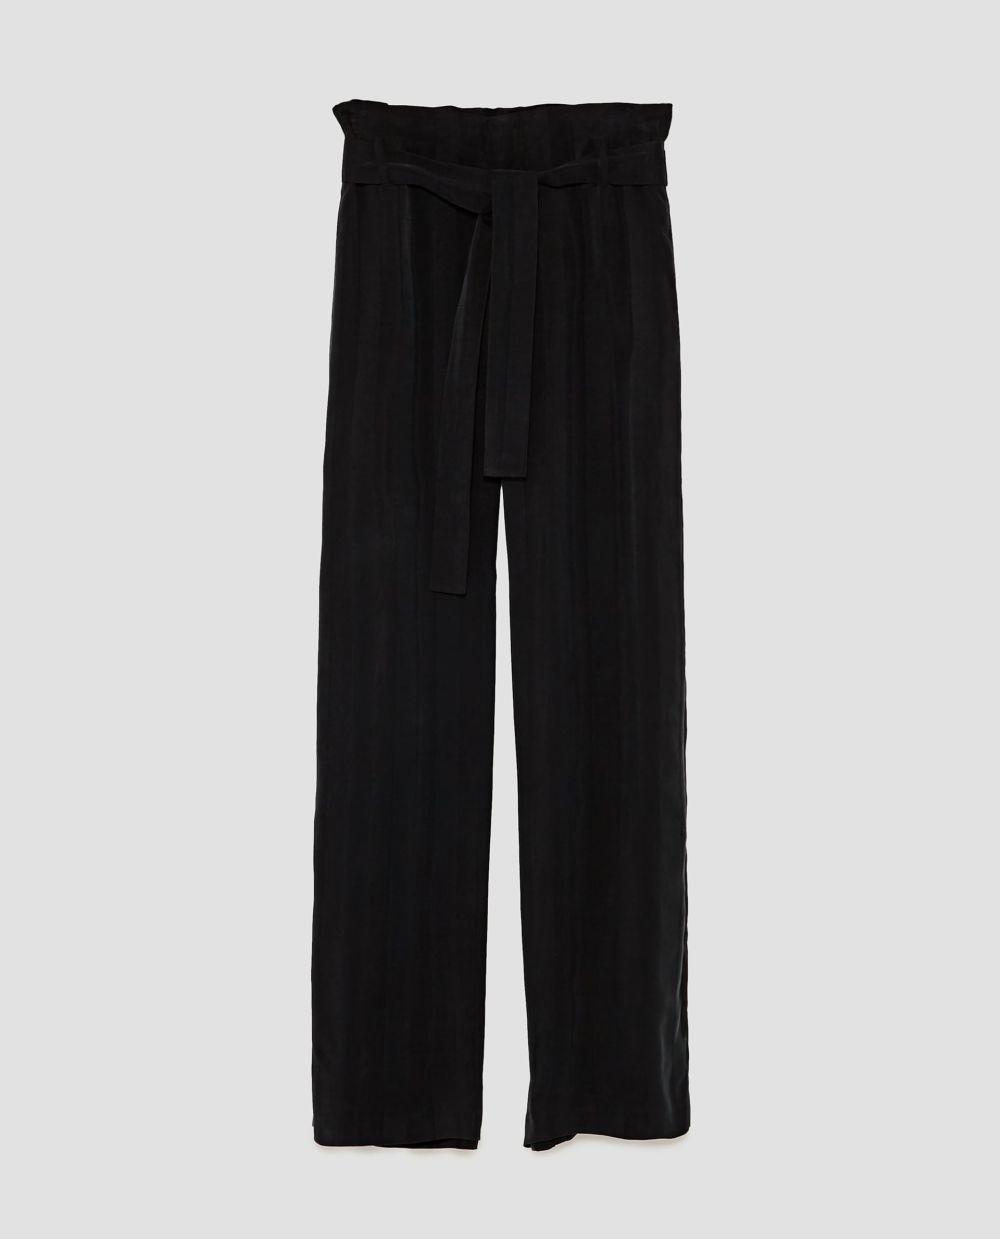 Pantalón ancho de Zara (29,95 euros)